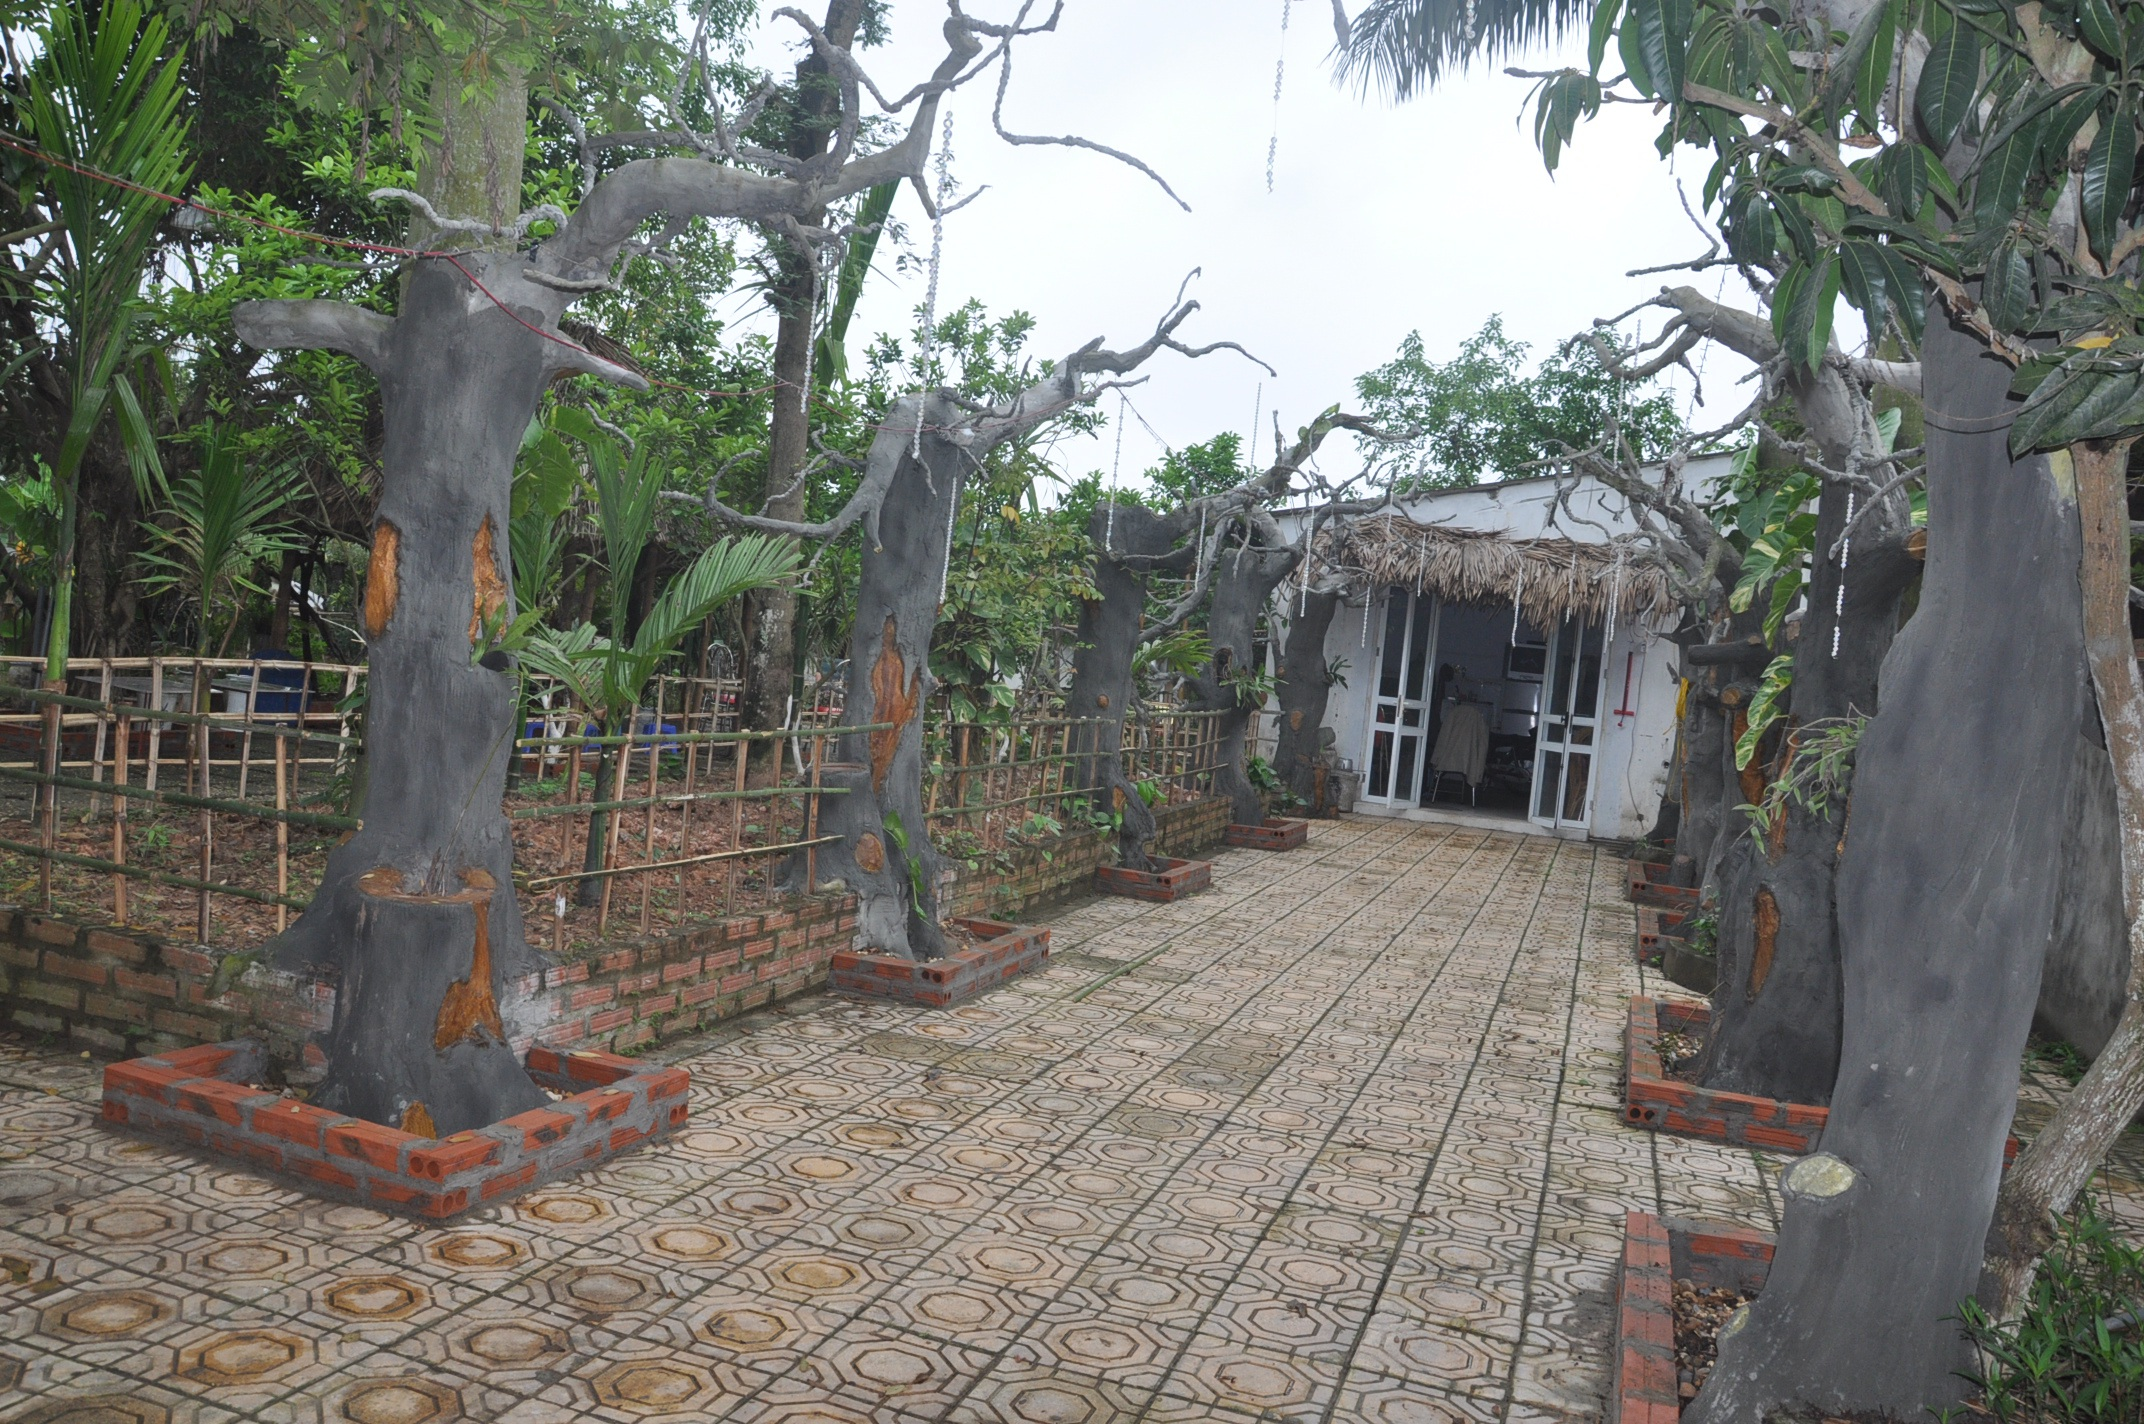 Mọi chi tiết trong ngôi nhà của nghệ sĩ Giang còi đều tự tay anh thiết kế làm.